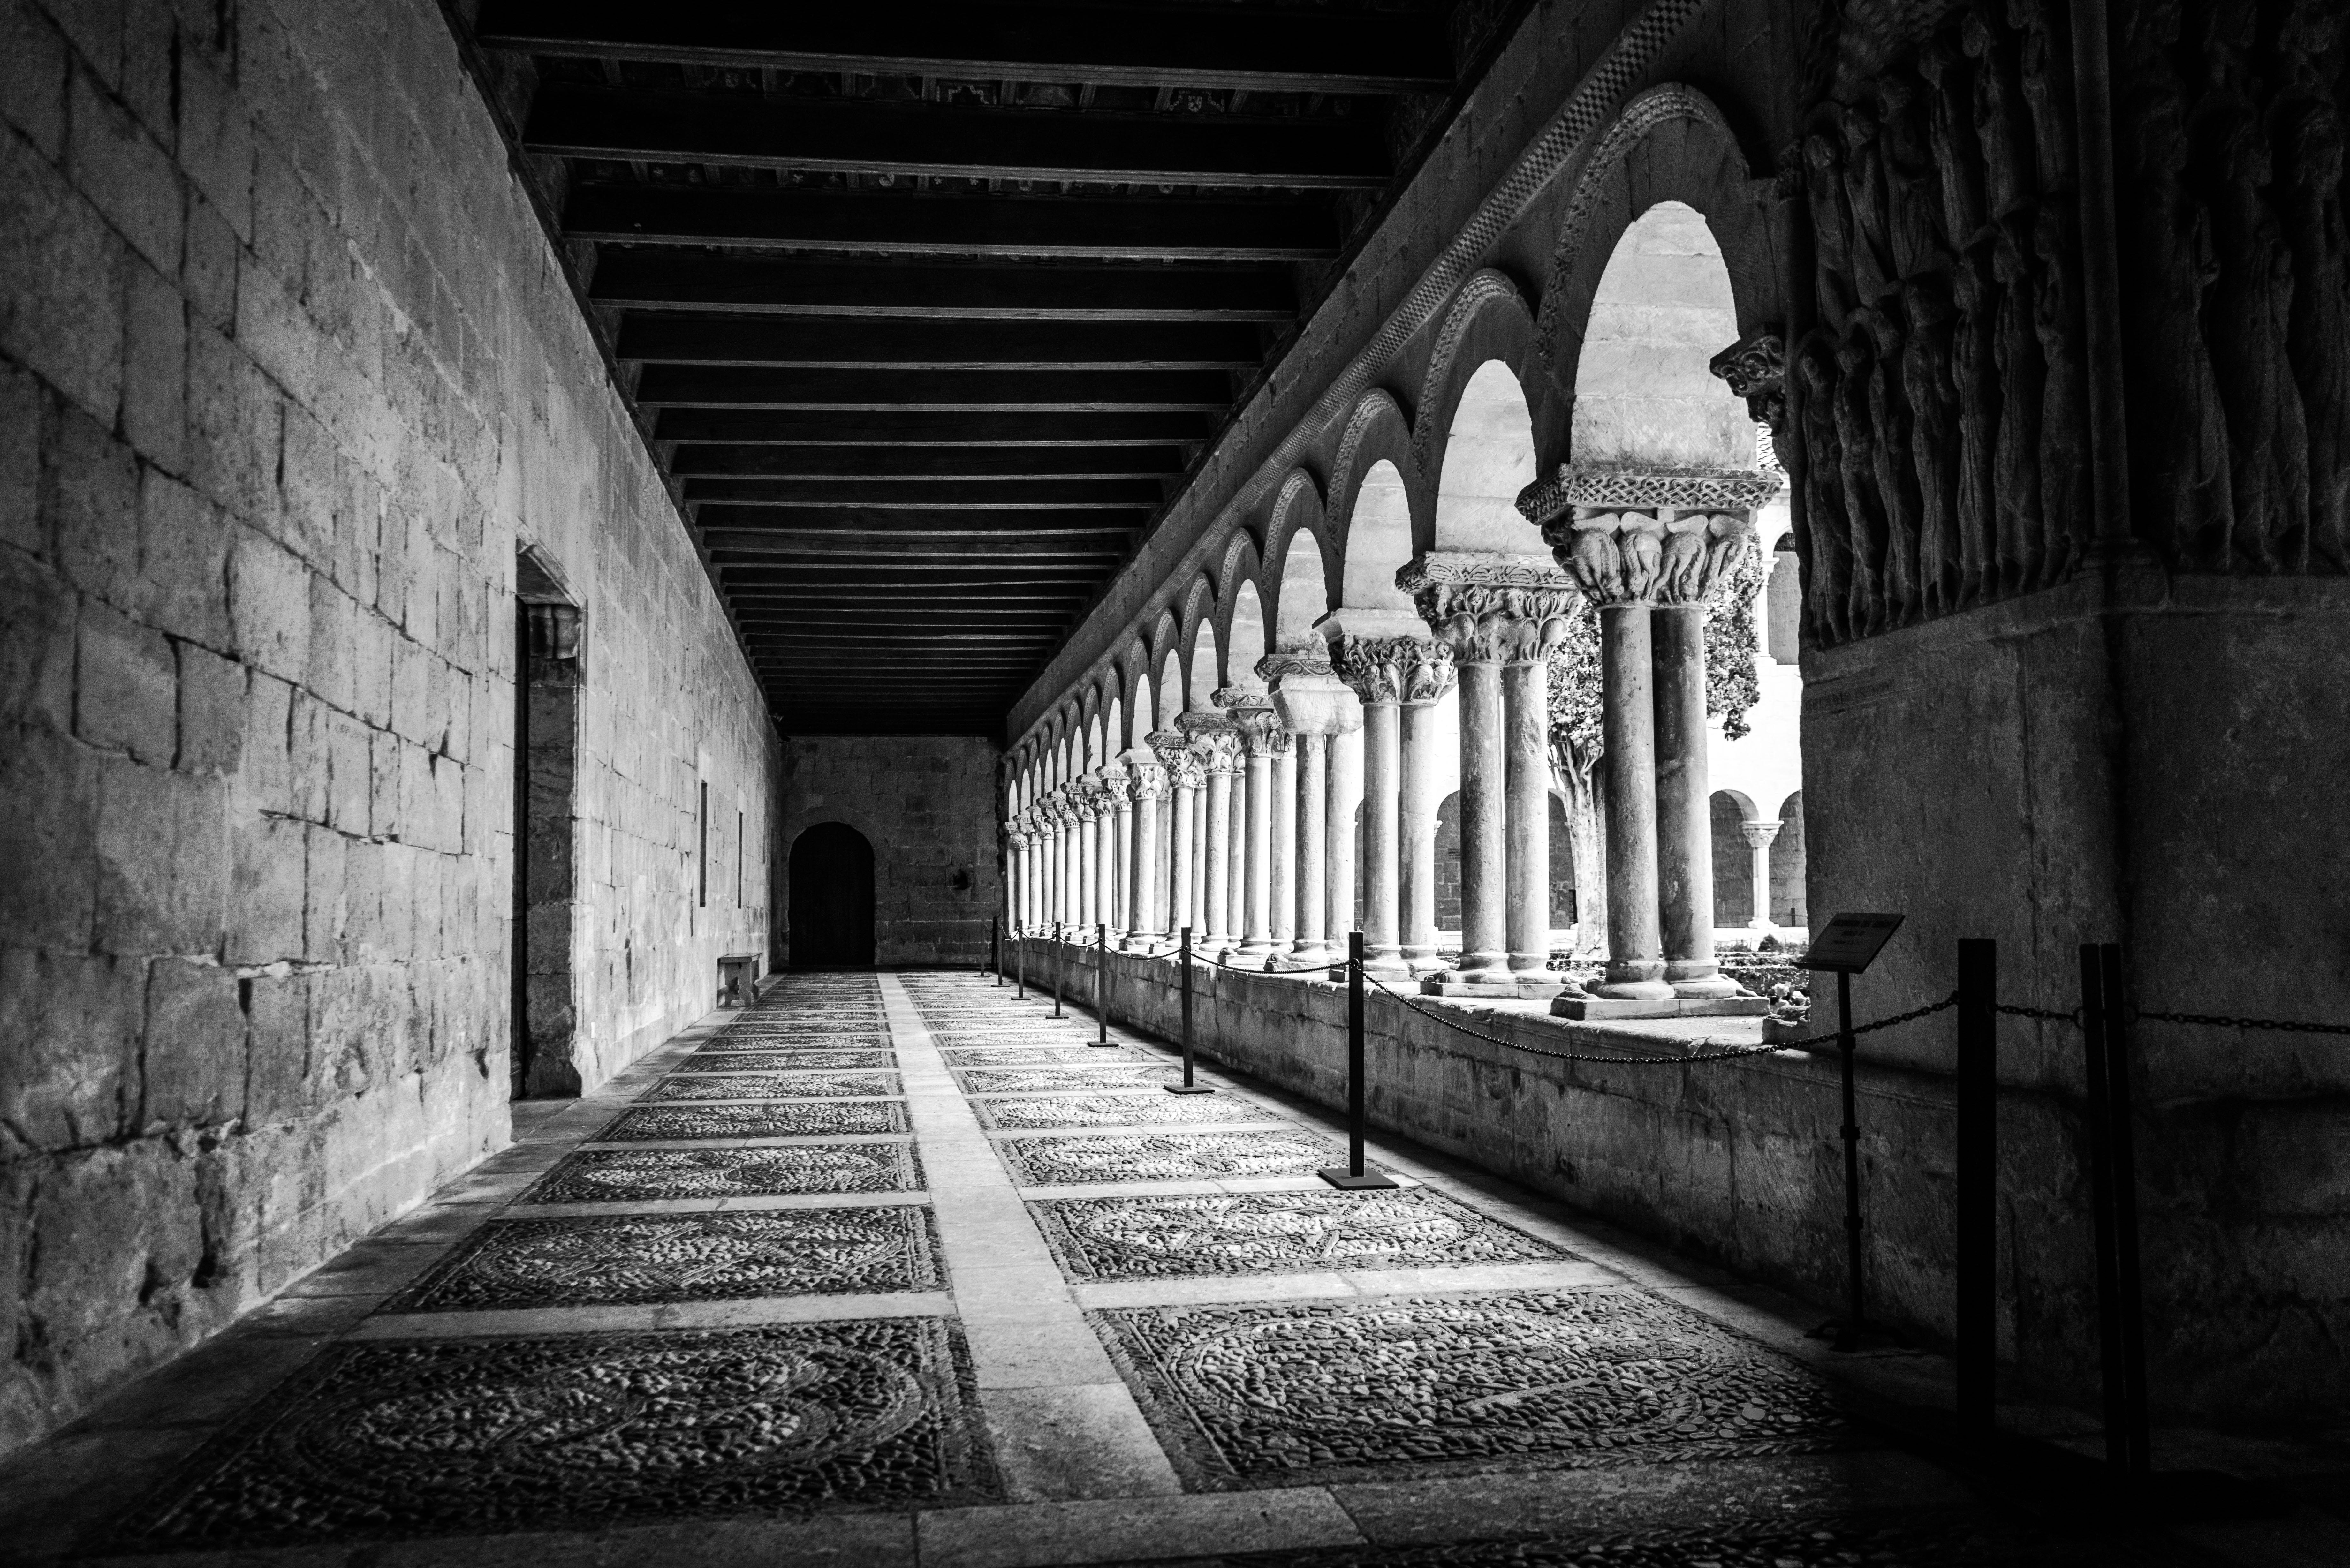 Fotos Gratis Ligero En Blanco Y Negro Arquitectura La